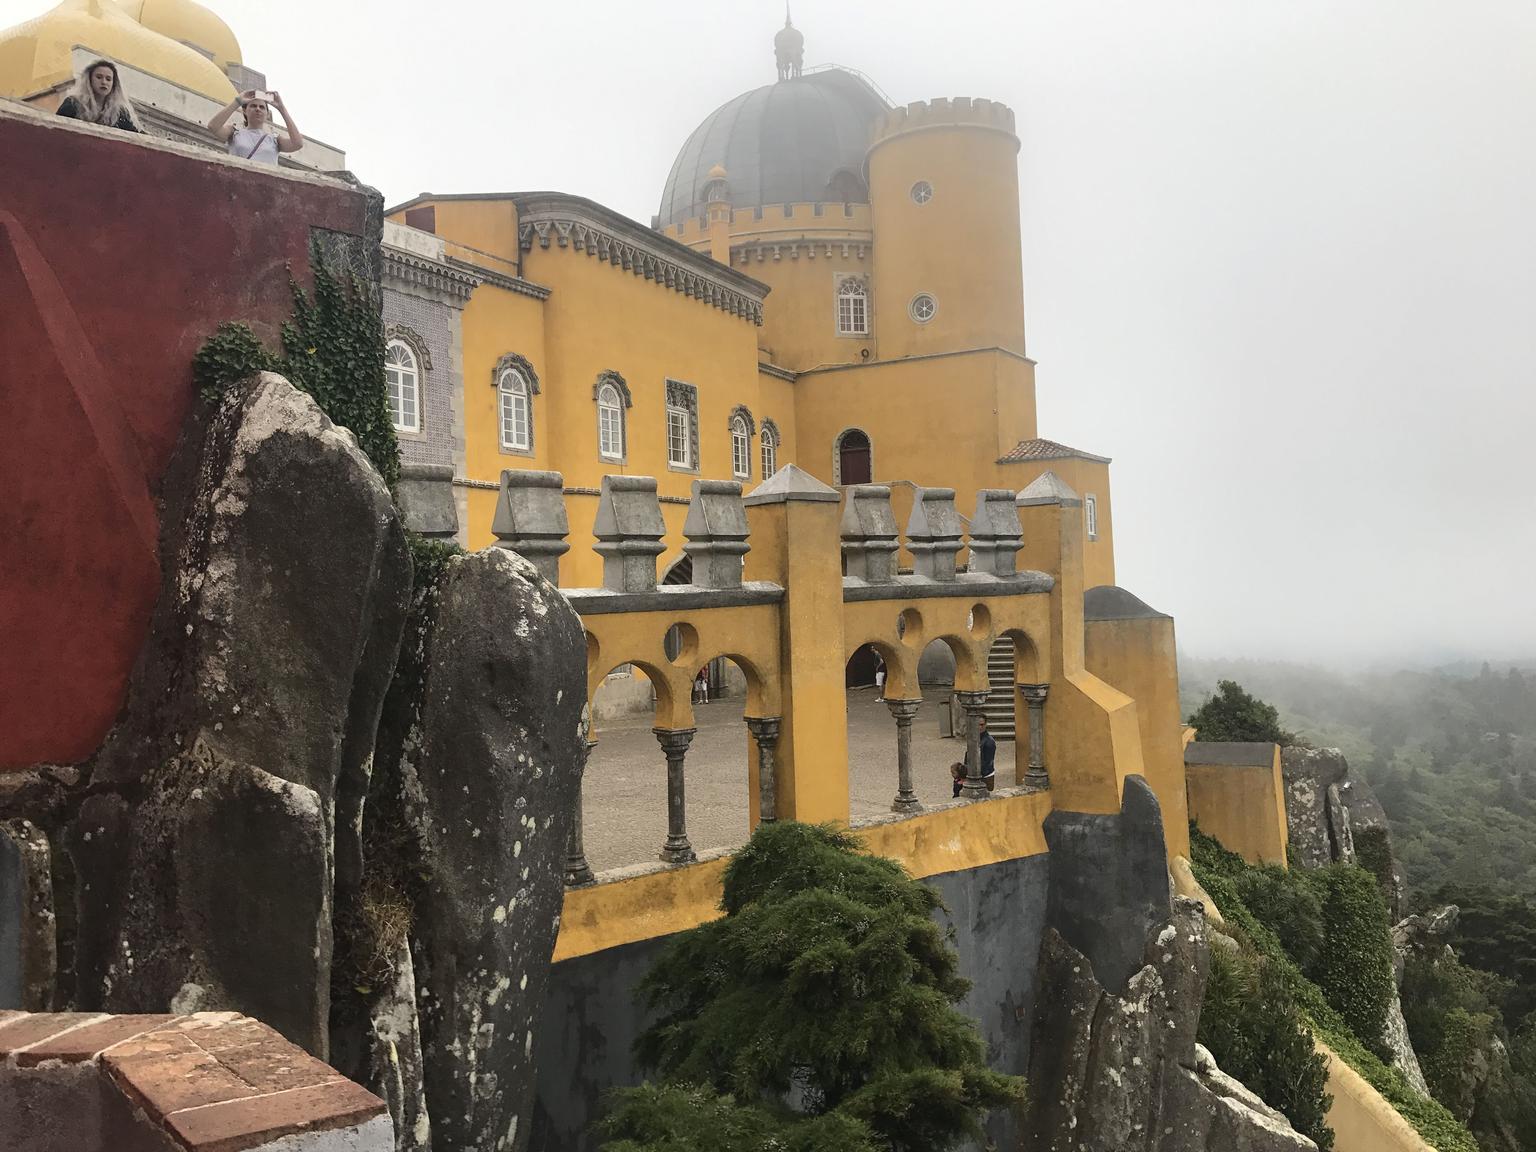 MÁS FOTOS, Excursión privada de medio día: Lo más destacado de Sintra, Cascais y Estoril